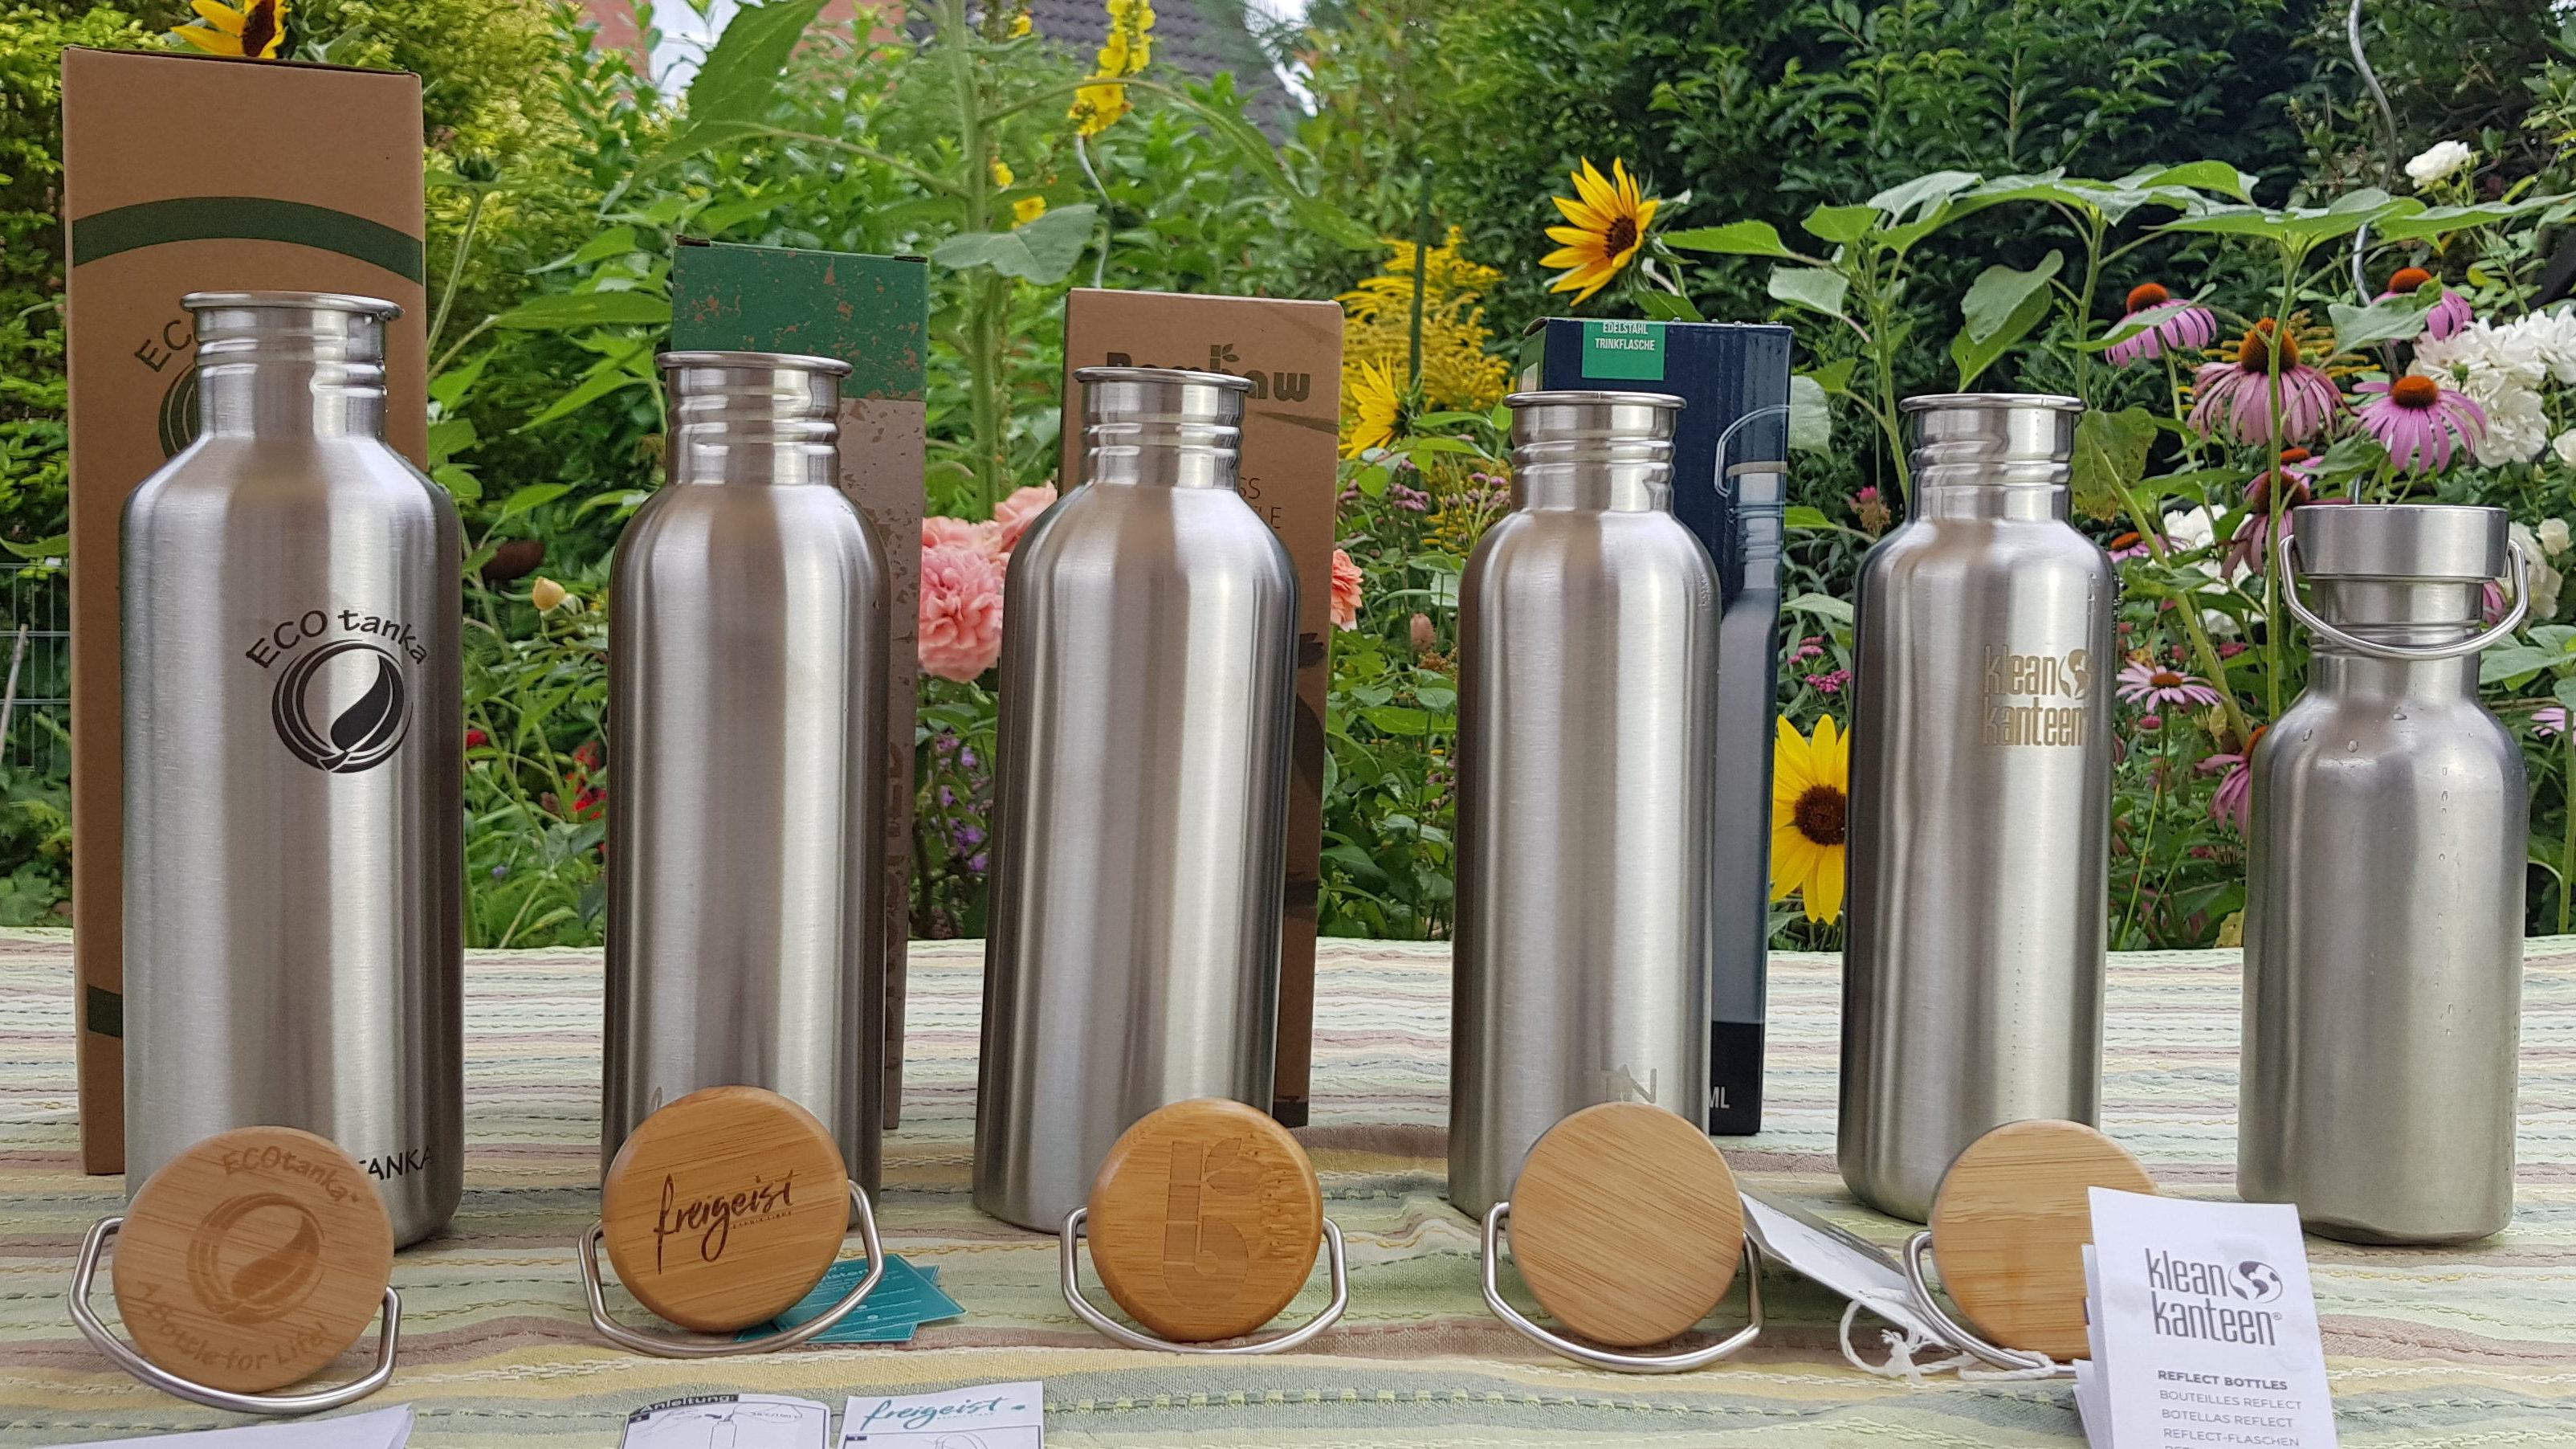 F/ür Camping /& Lagerfeuer Trinkflasche Metall ohne Plastik Wiederverwendbare /öko Wasserflasche Langlebige Wasserflasche Sportflasche auslaufsicher Bambaw Trinkflasche Edelstahl